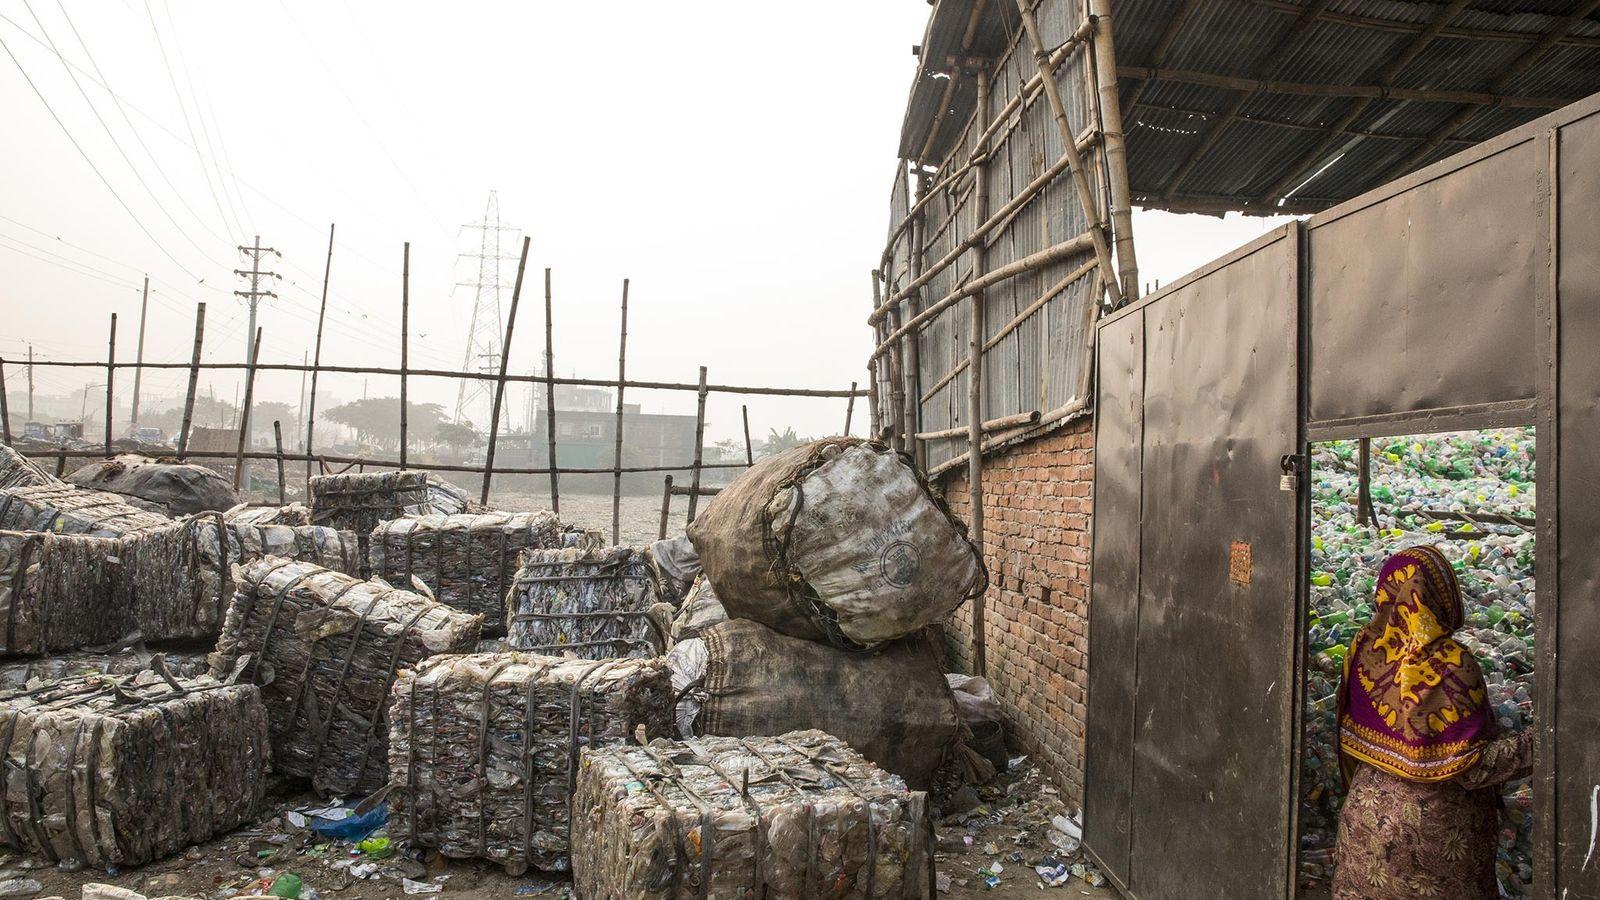 Des ballots de plastique attendent d'être recyclés à Dhaka, au Bangladesh.